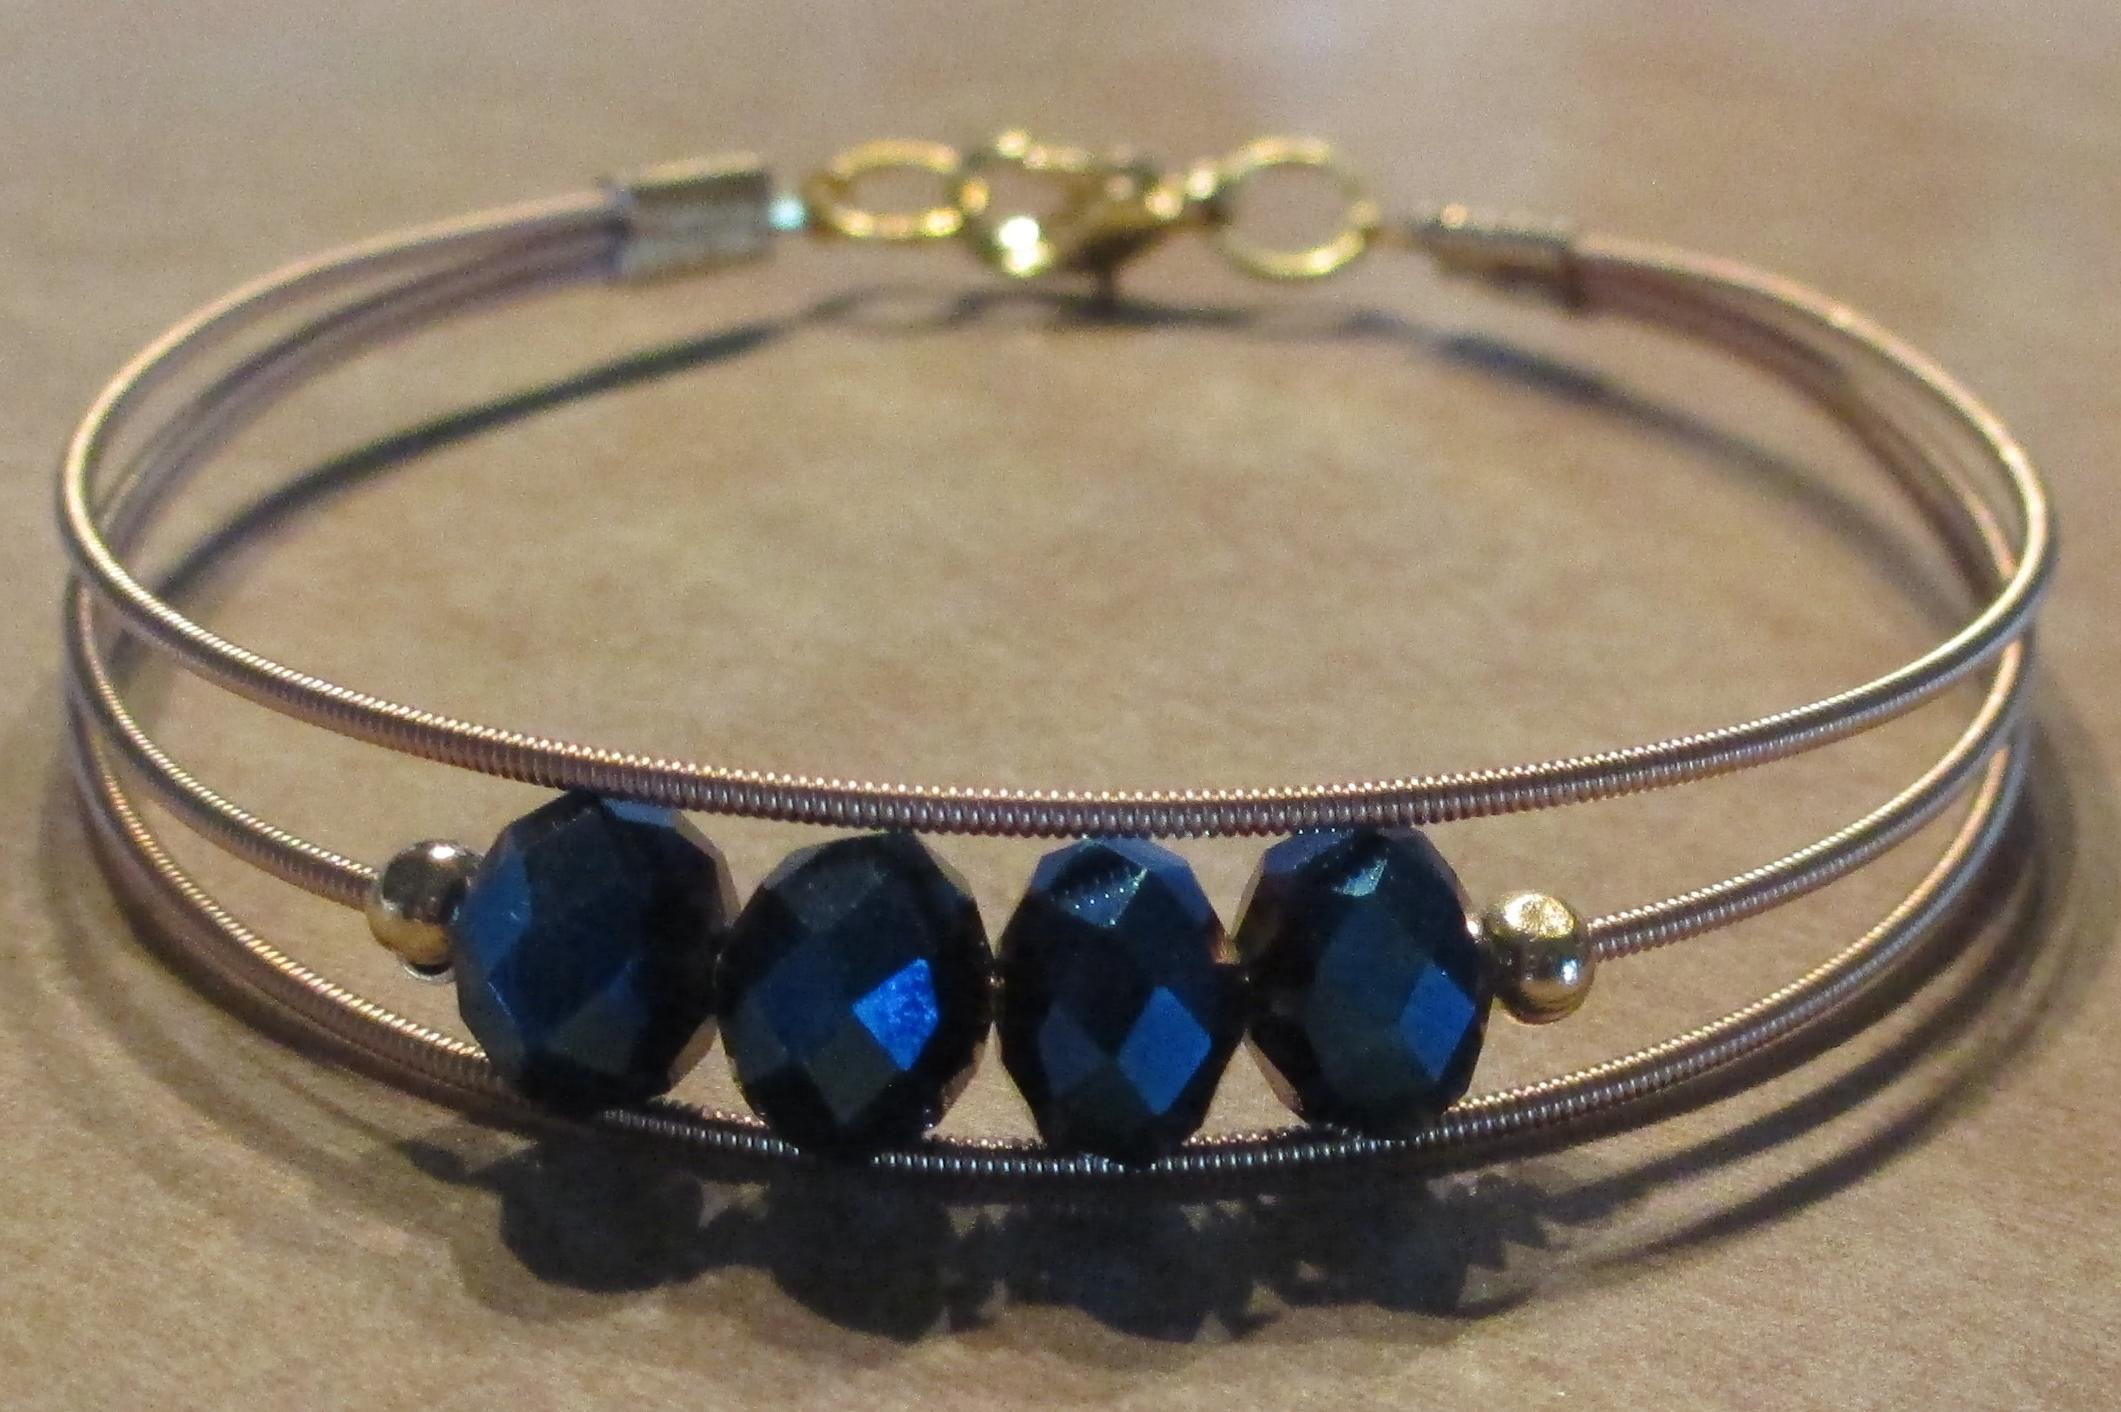 guitar string bracelets bangles jewelry making journal. Black Bedroom Furniture Sets. Home Design Ideas